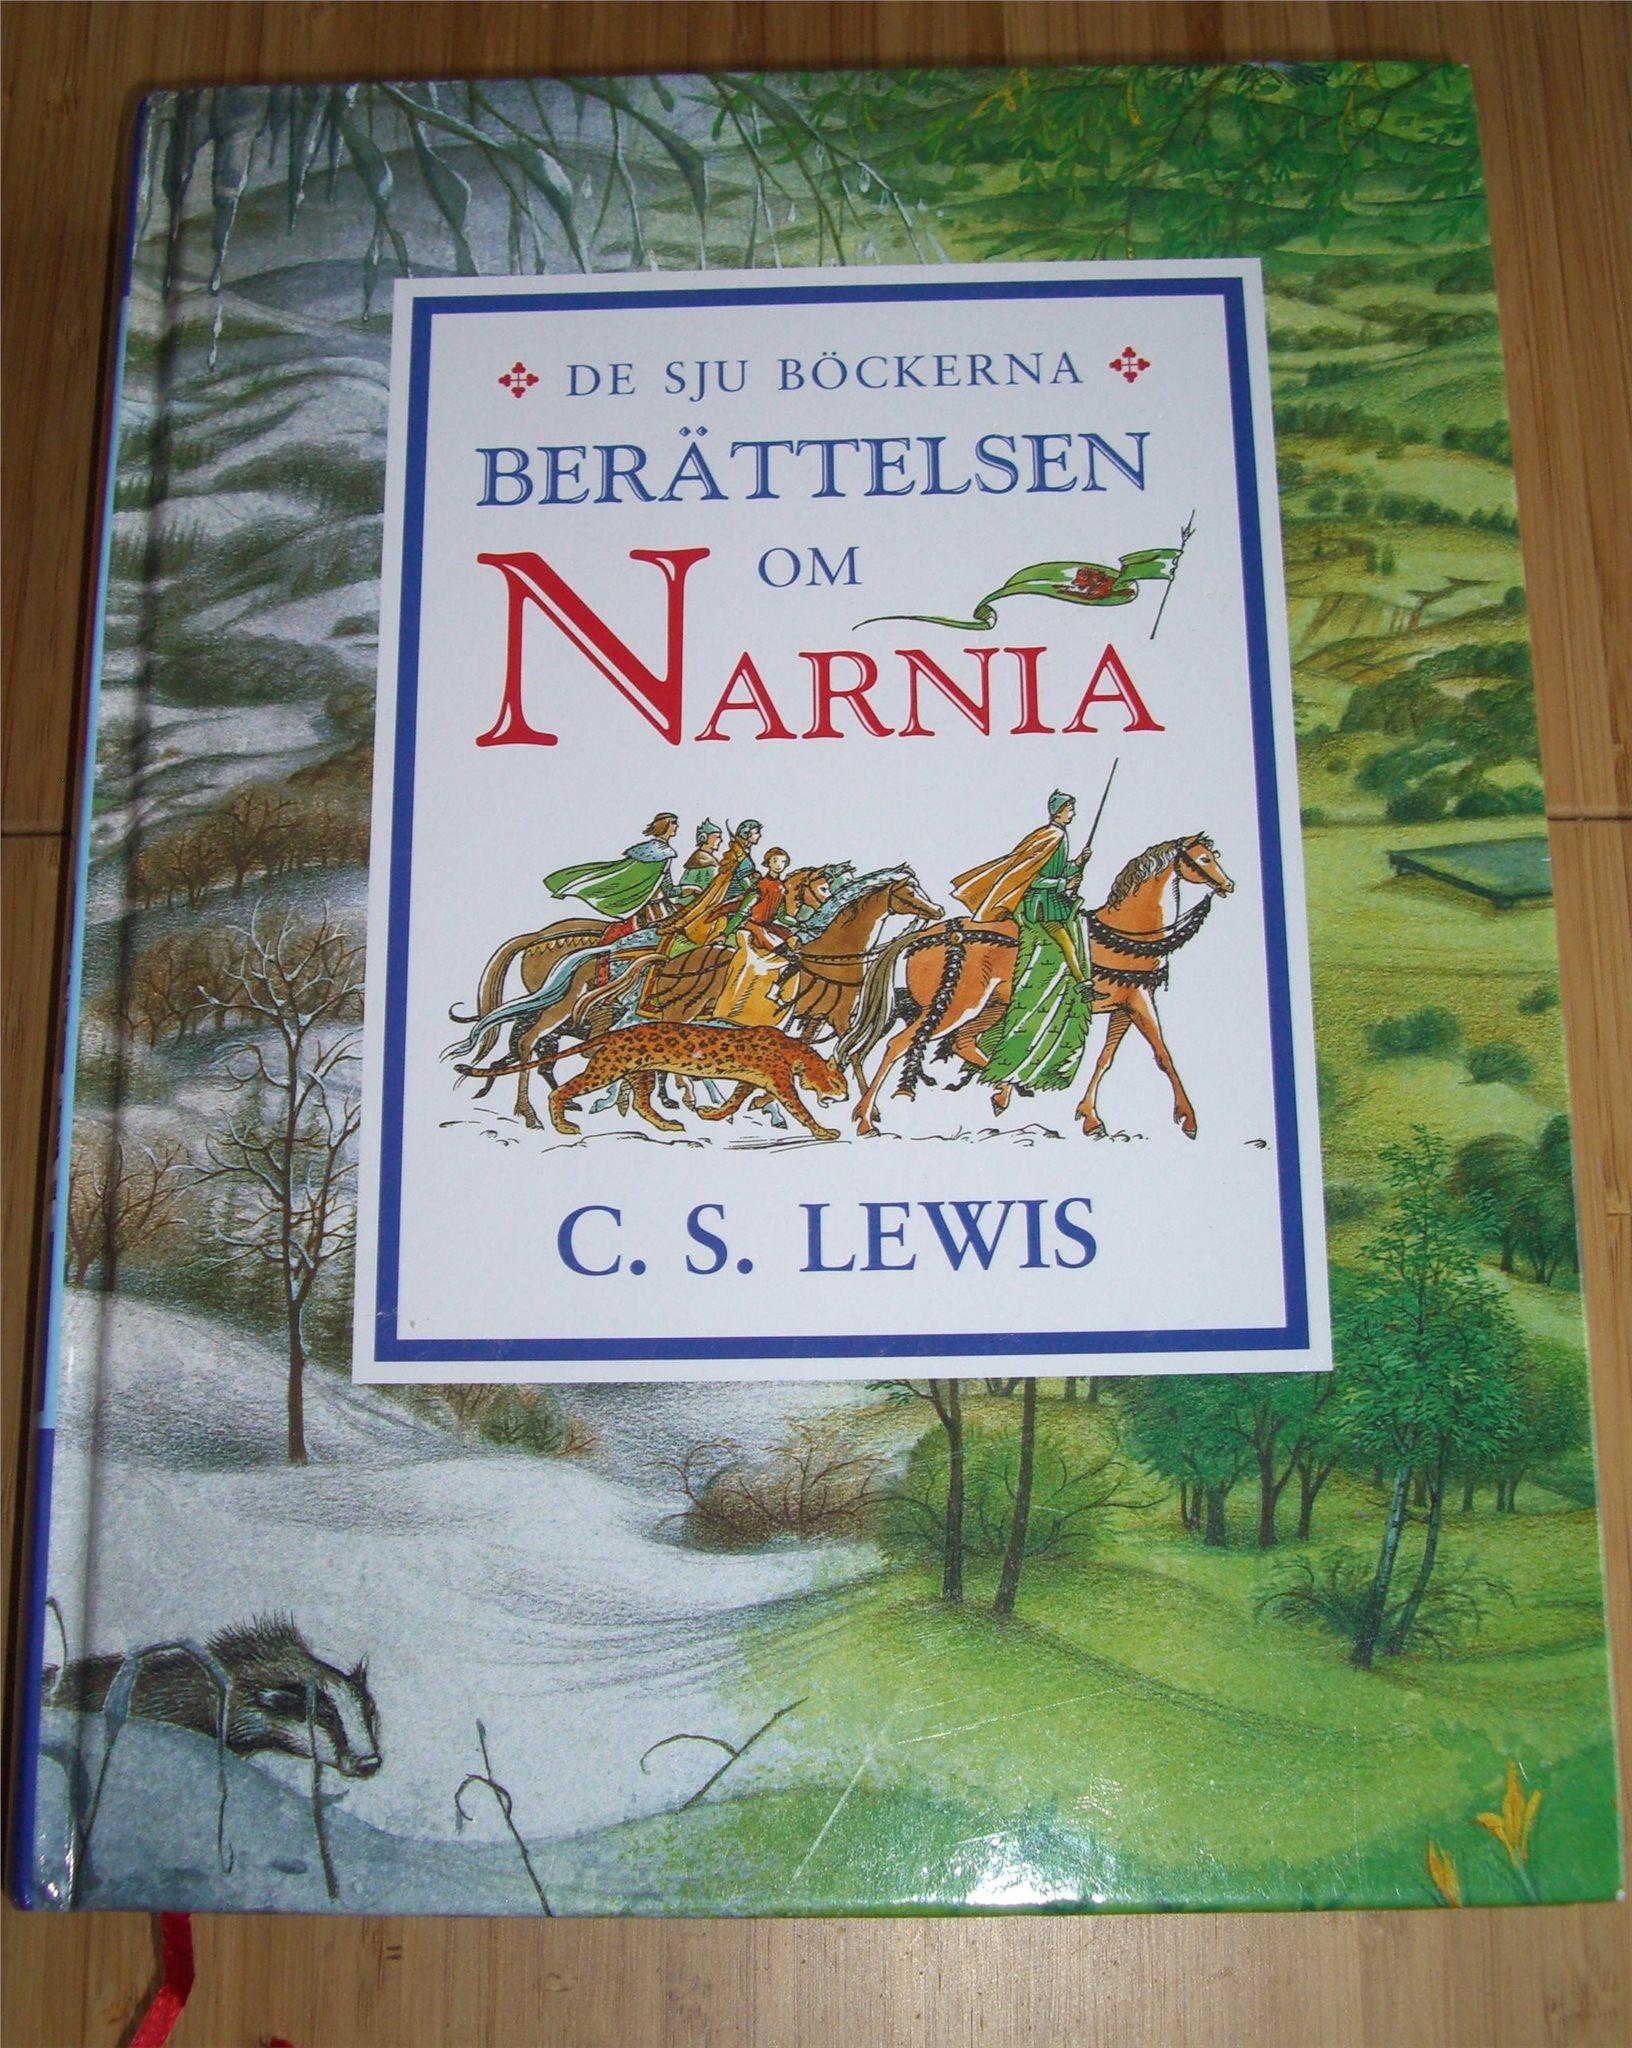 de sju böckerna berättelsen om narnia